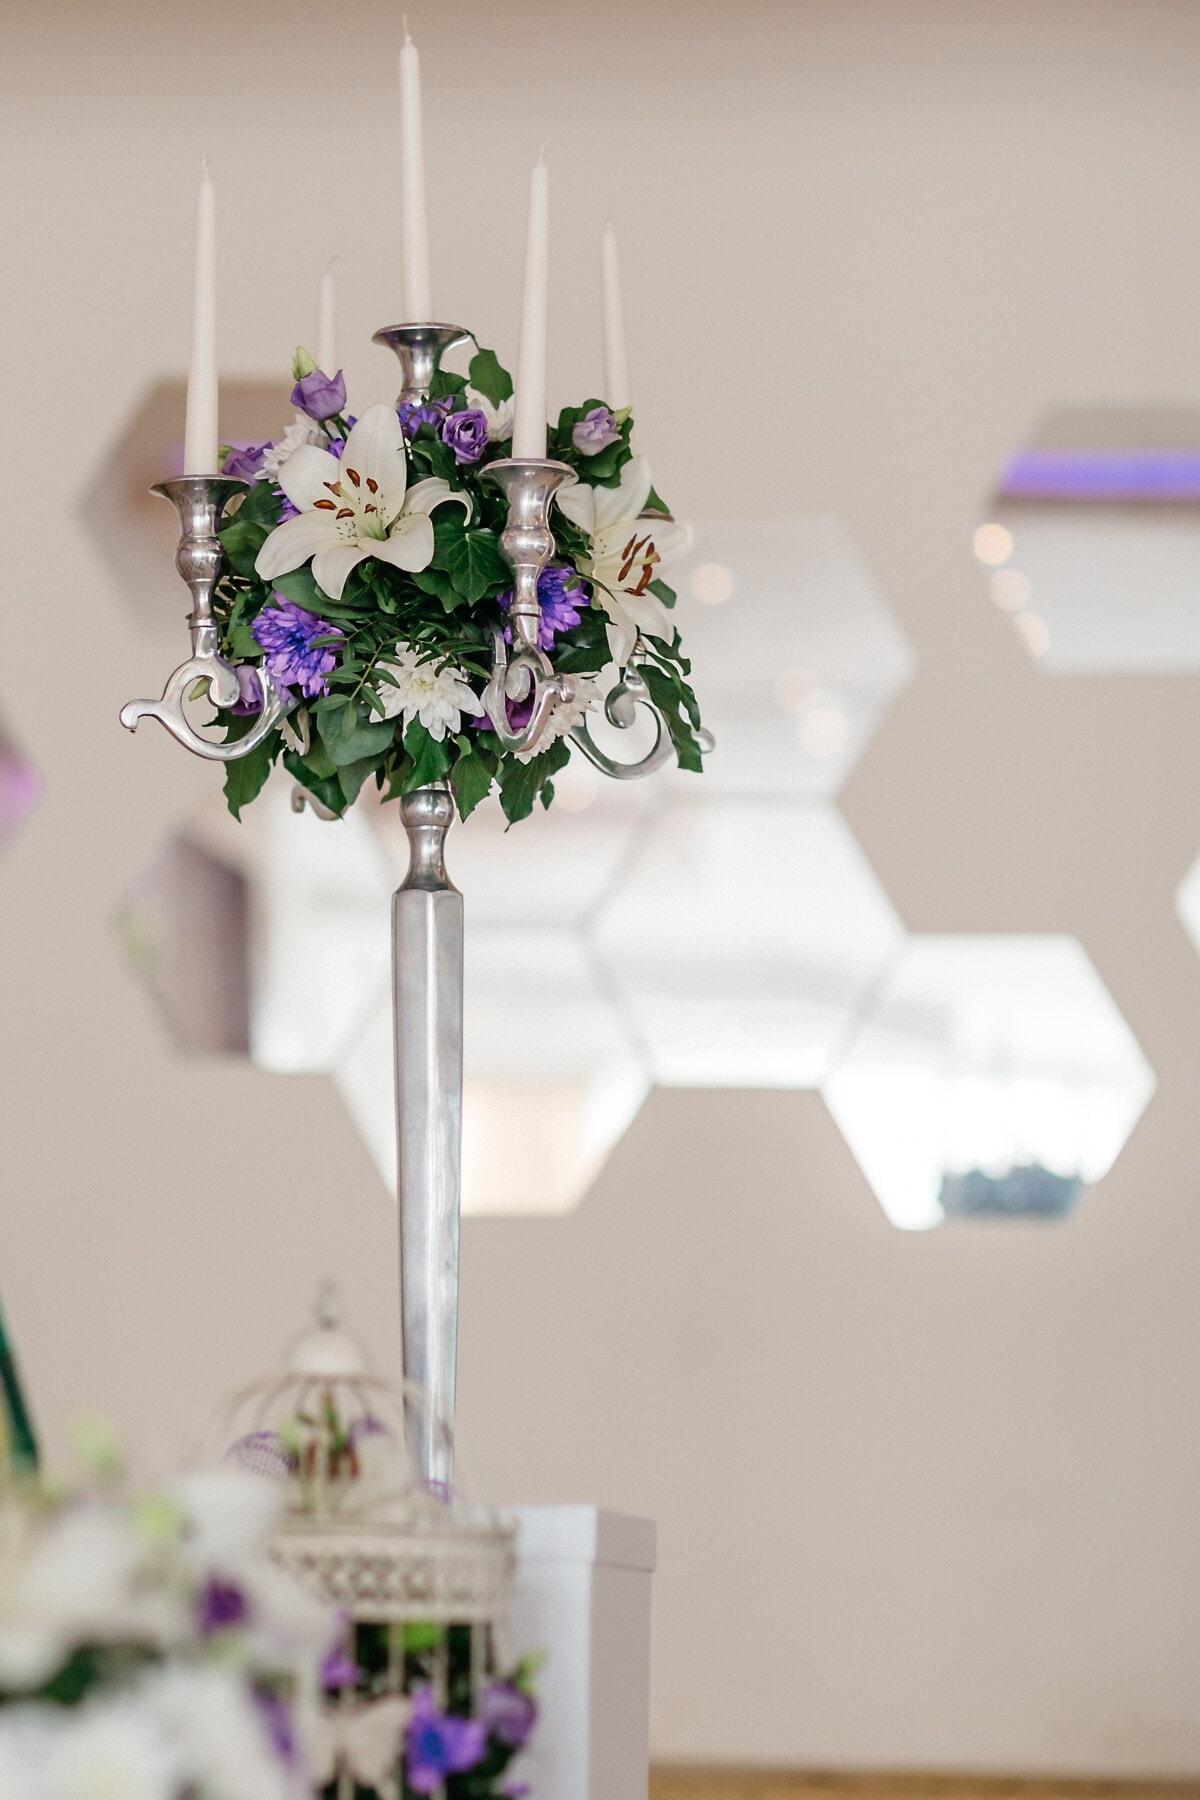 chandelier, Silver, blanc, bougies, fleurs, élégant, violet, fleur, feuille, Design d'intérieur